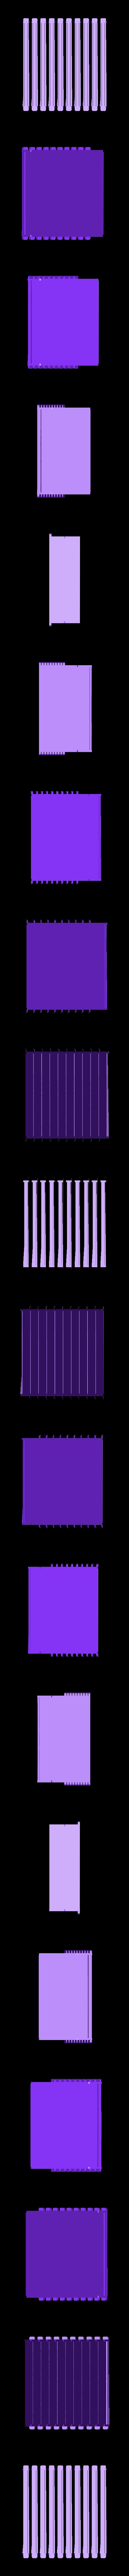 10x_Medium_Modified_Solid_Frames.obj Télécharger fichier OBJ gratuit Modèle de ruche Langstroth • Modèle imprimable en 3D, AlbertKhan3D